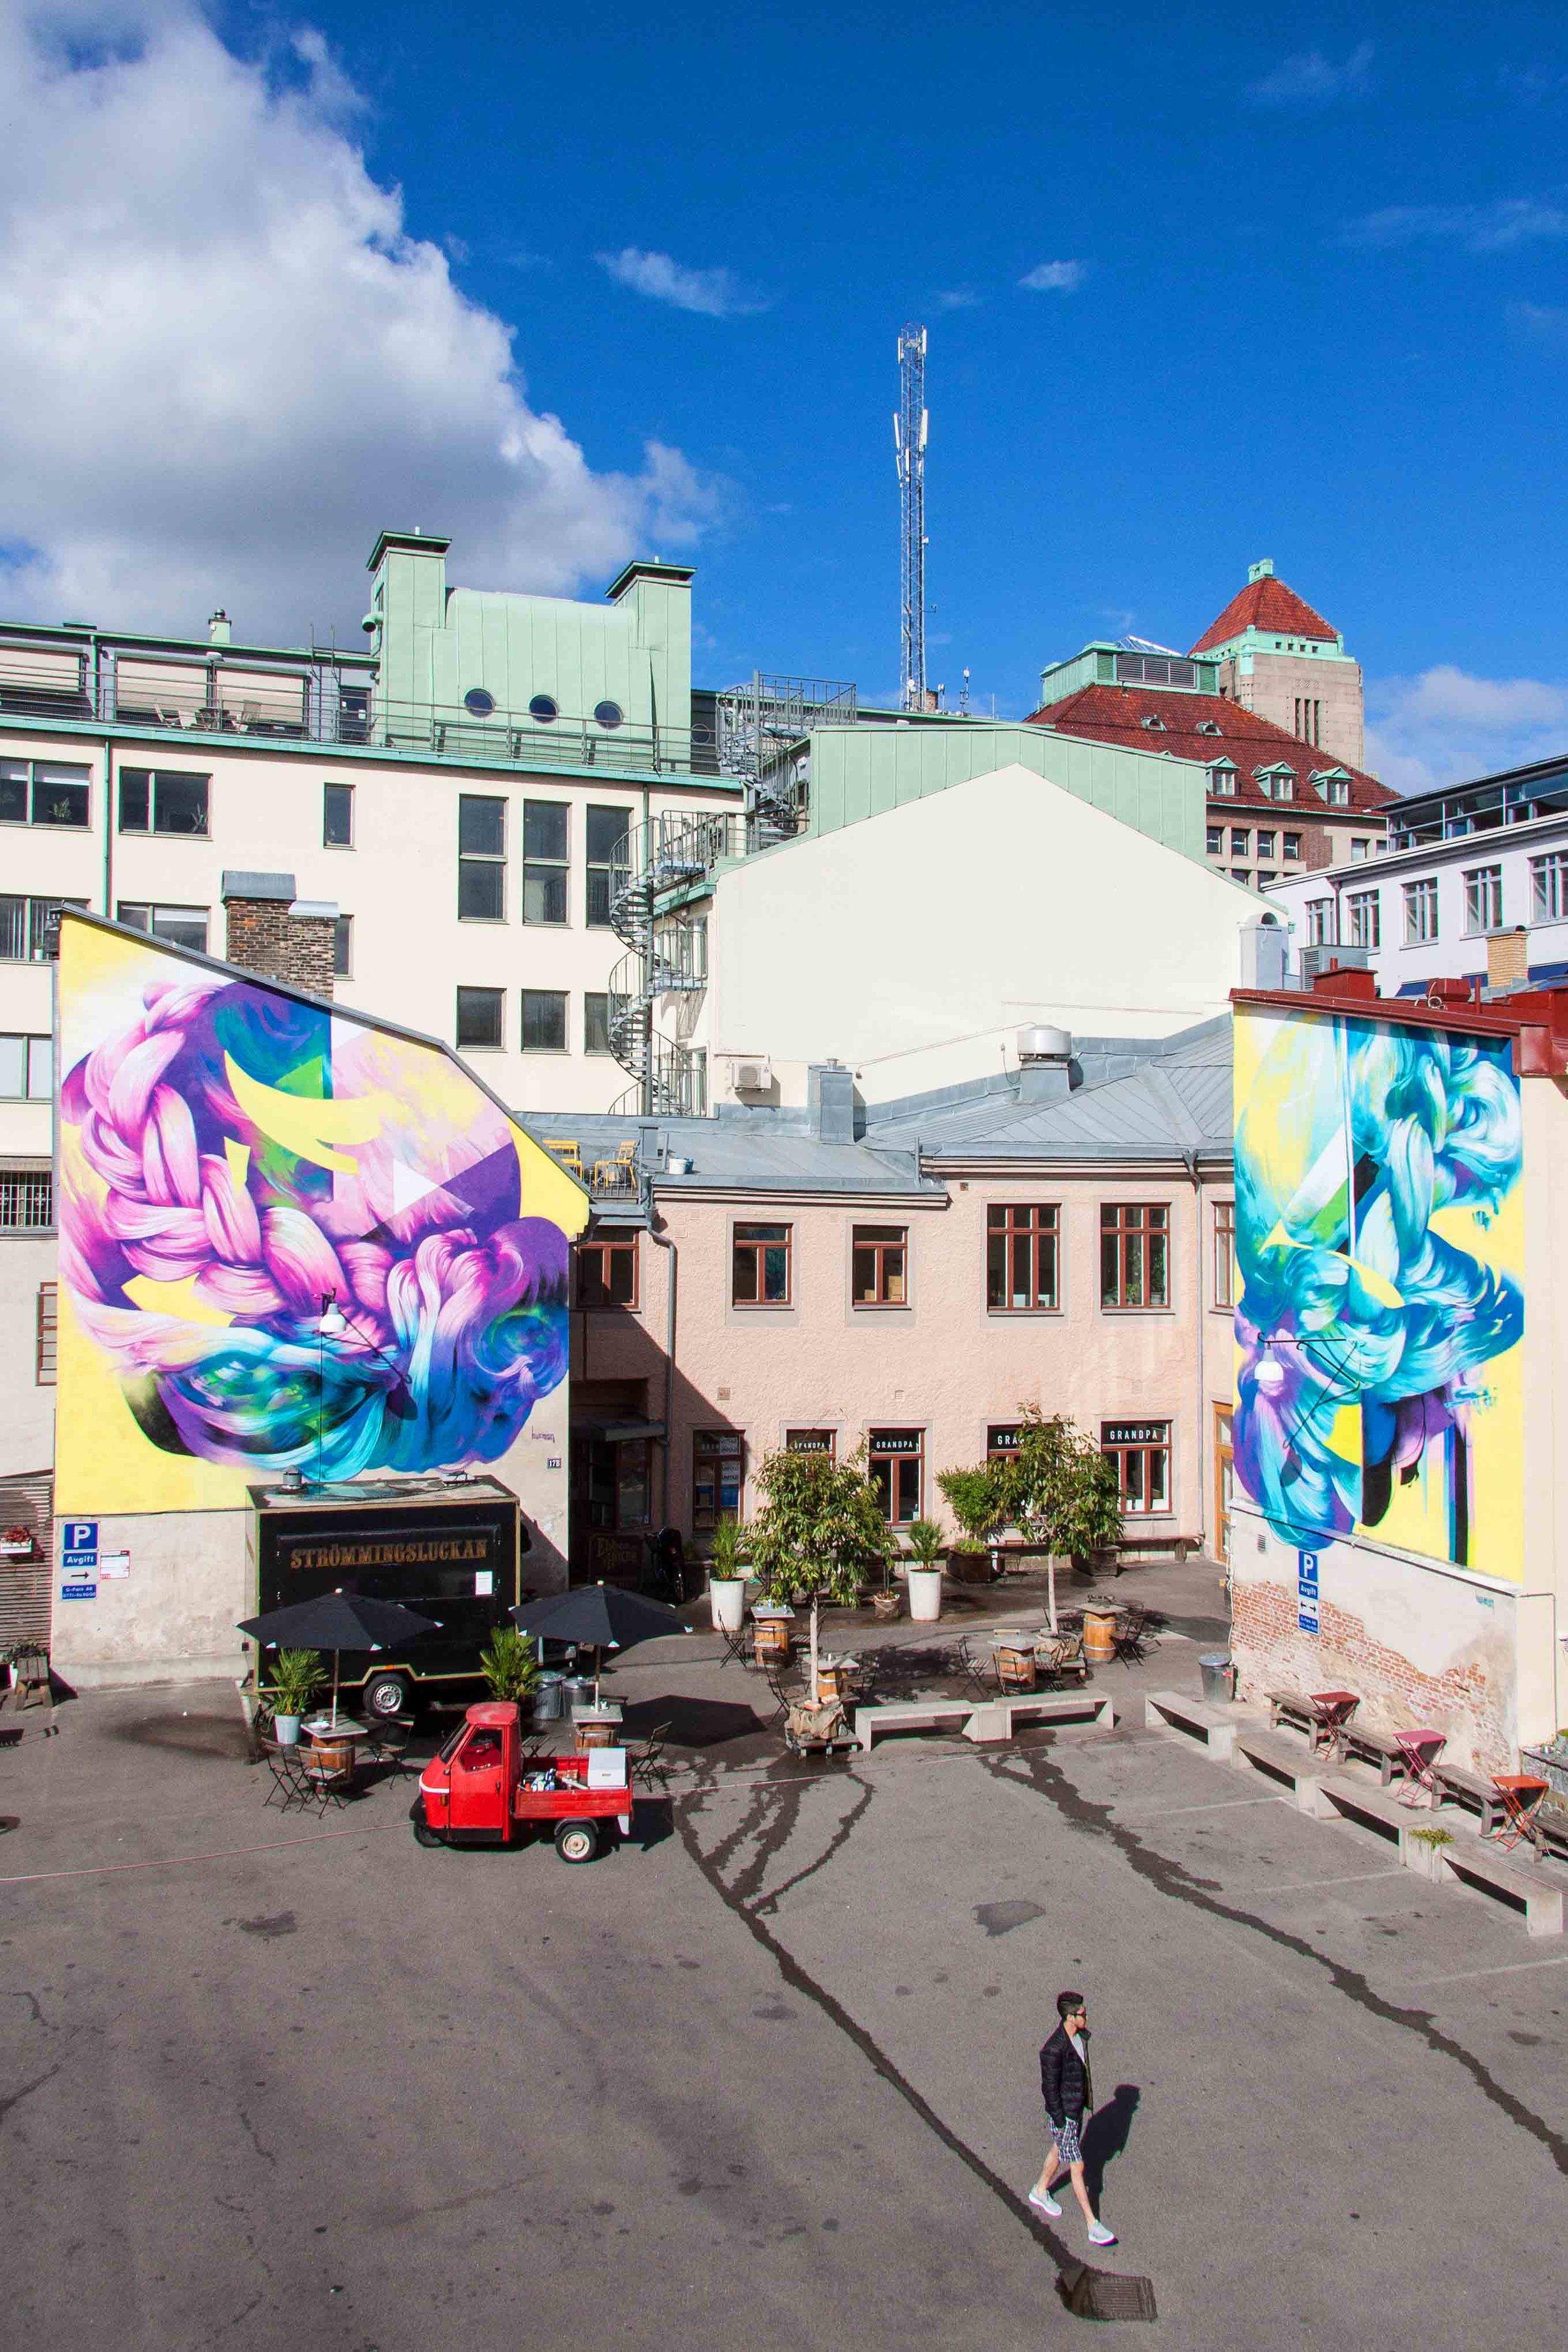 HUEMAN_Artscape_2016-07-29_FredrikÅkerberg_2719x4078_25.jpg